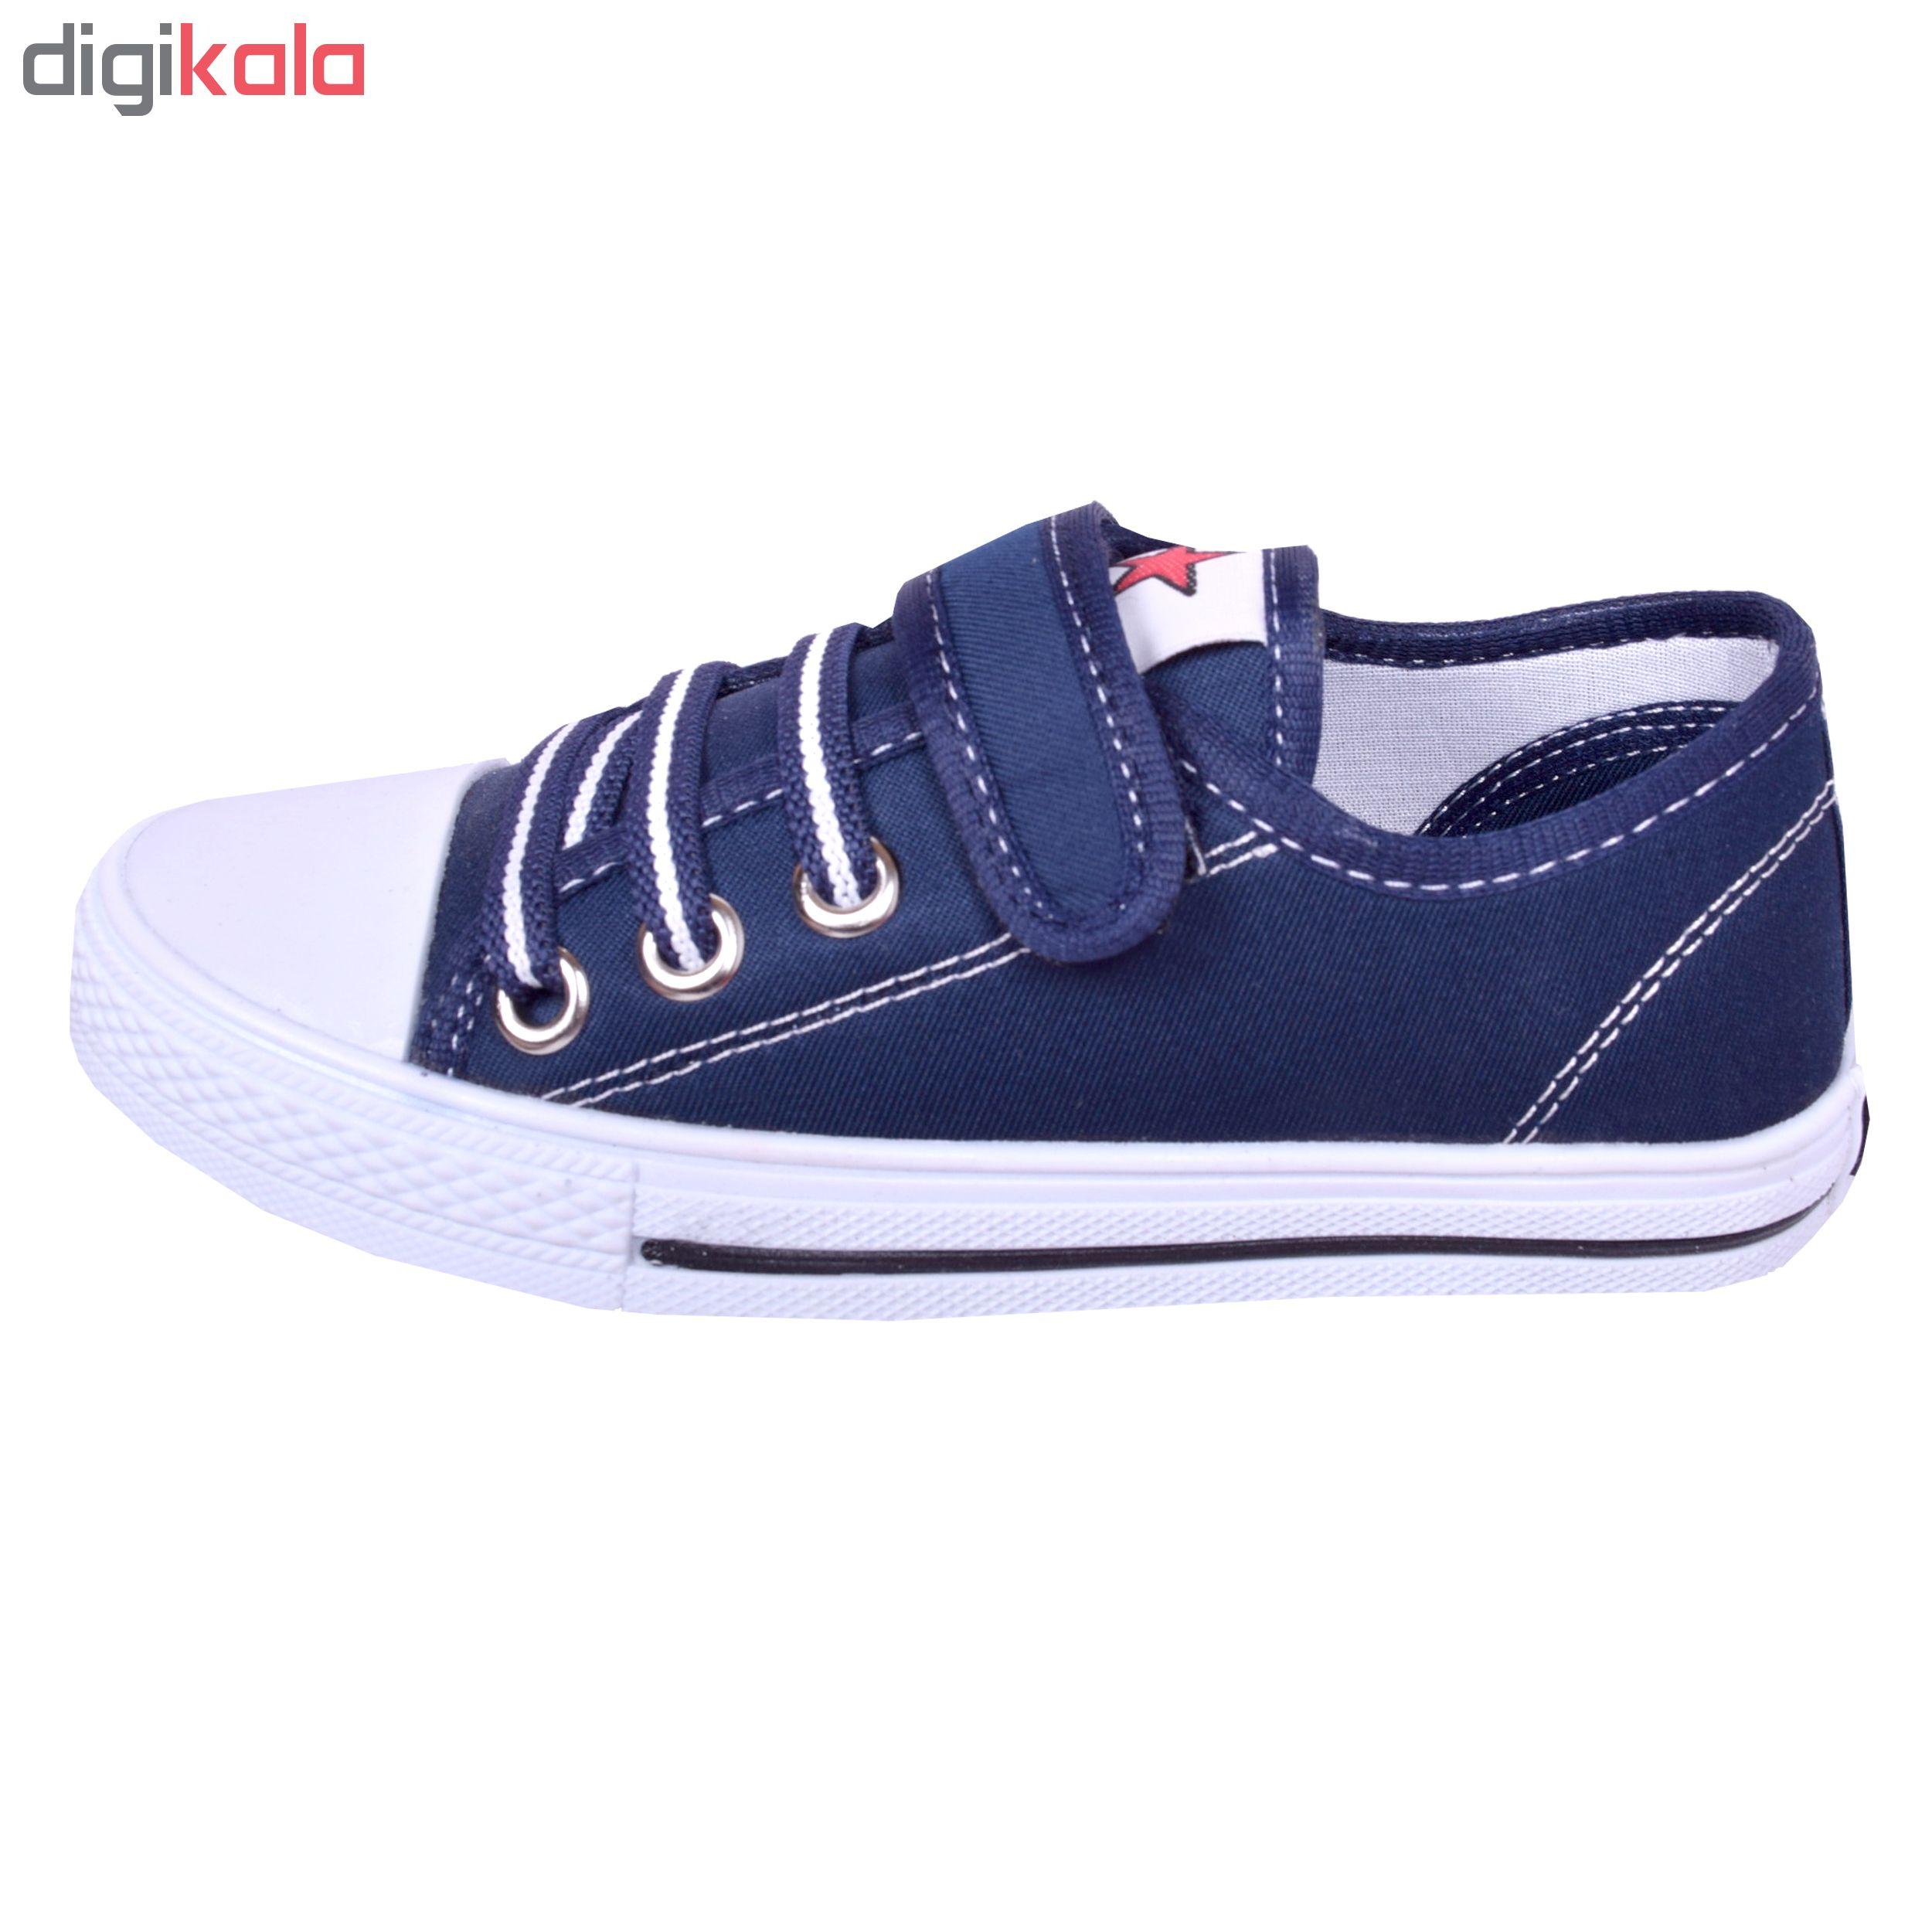 کفش راحتی دخترانه کد DBL-3921